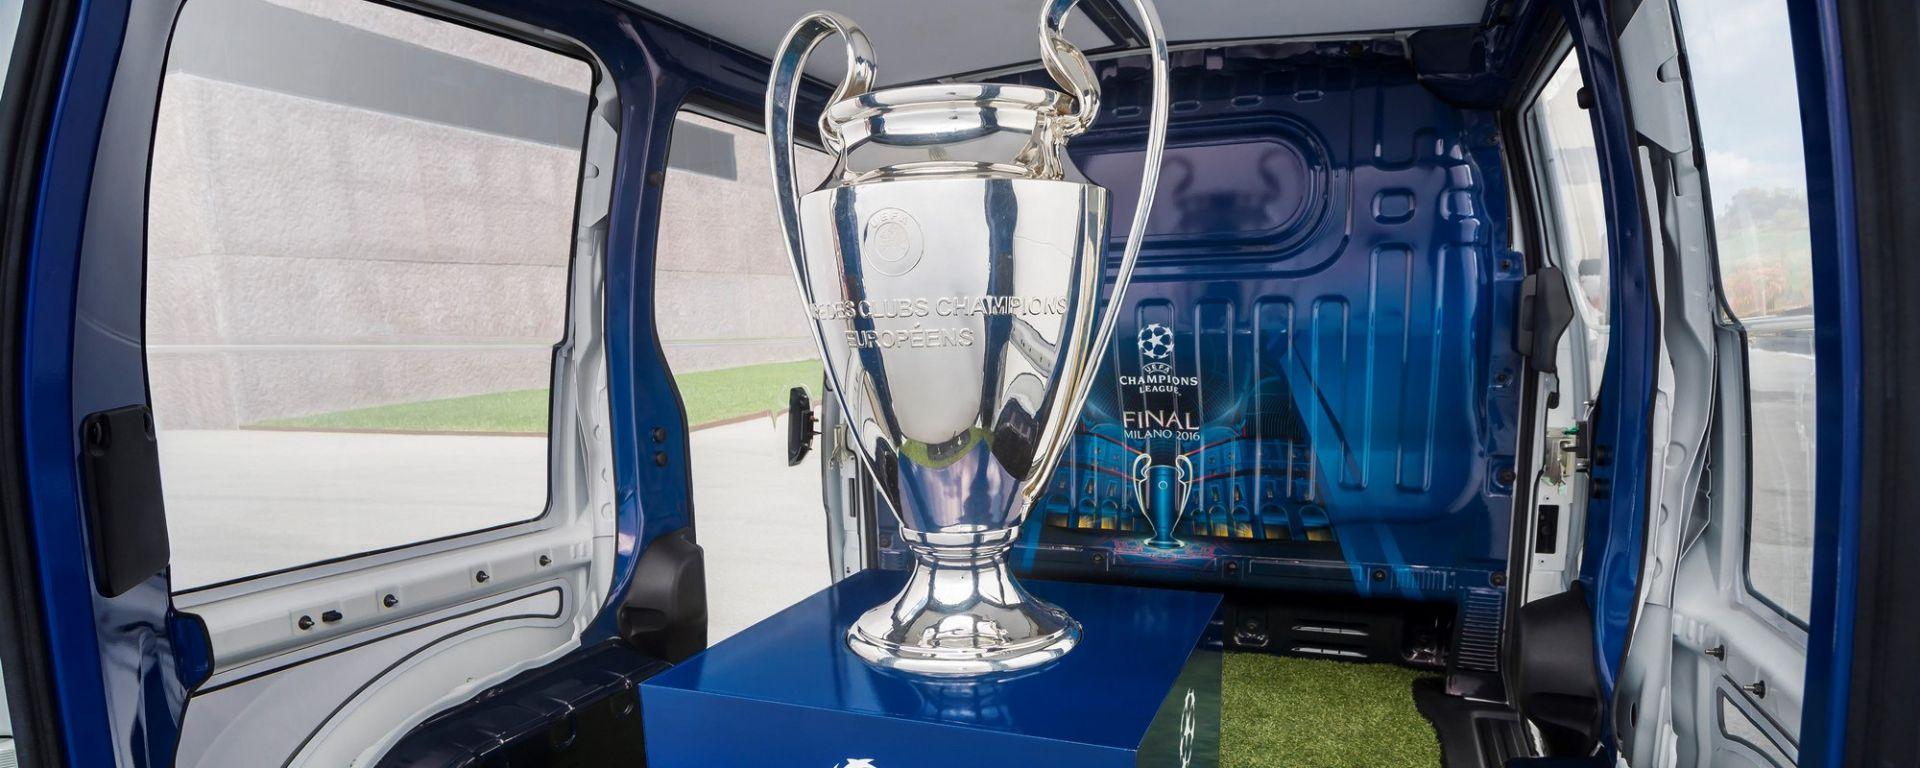 Nissan: una e-NV200 per scortare il trofeo della Champions League